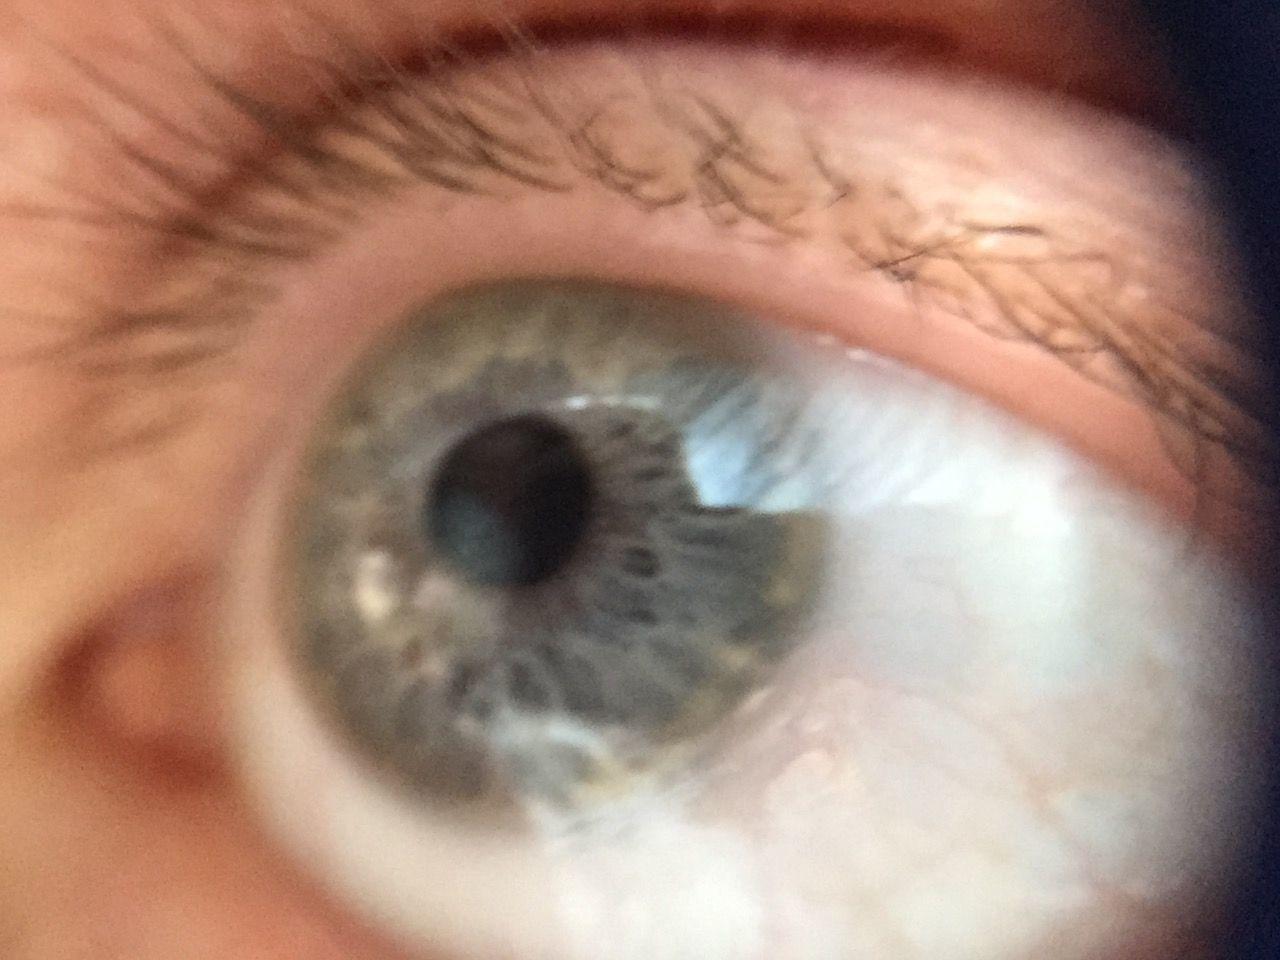 Detail Shot Of Human Eye